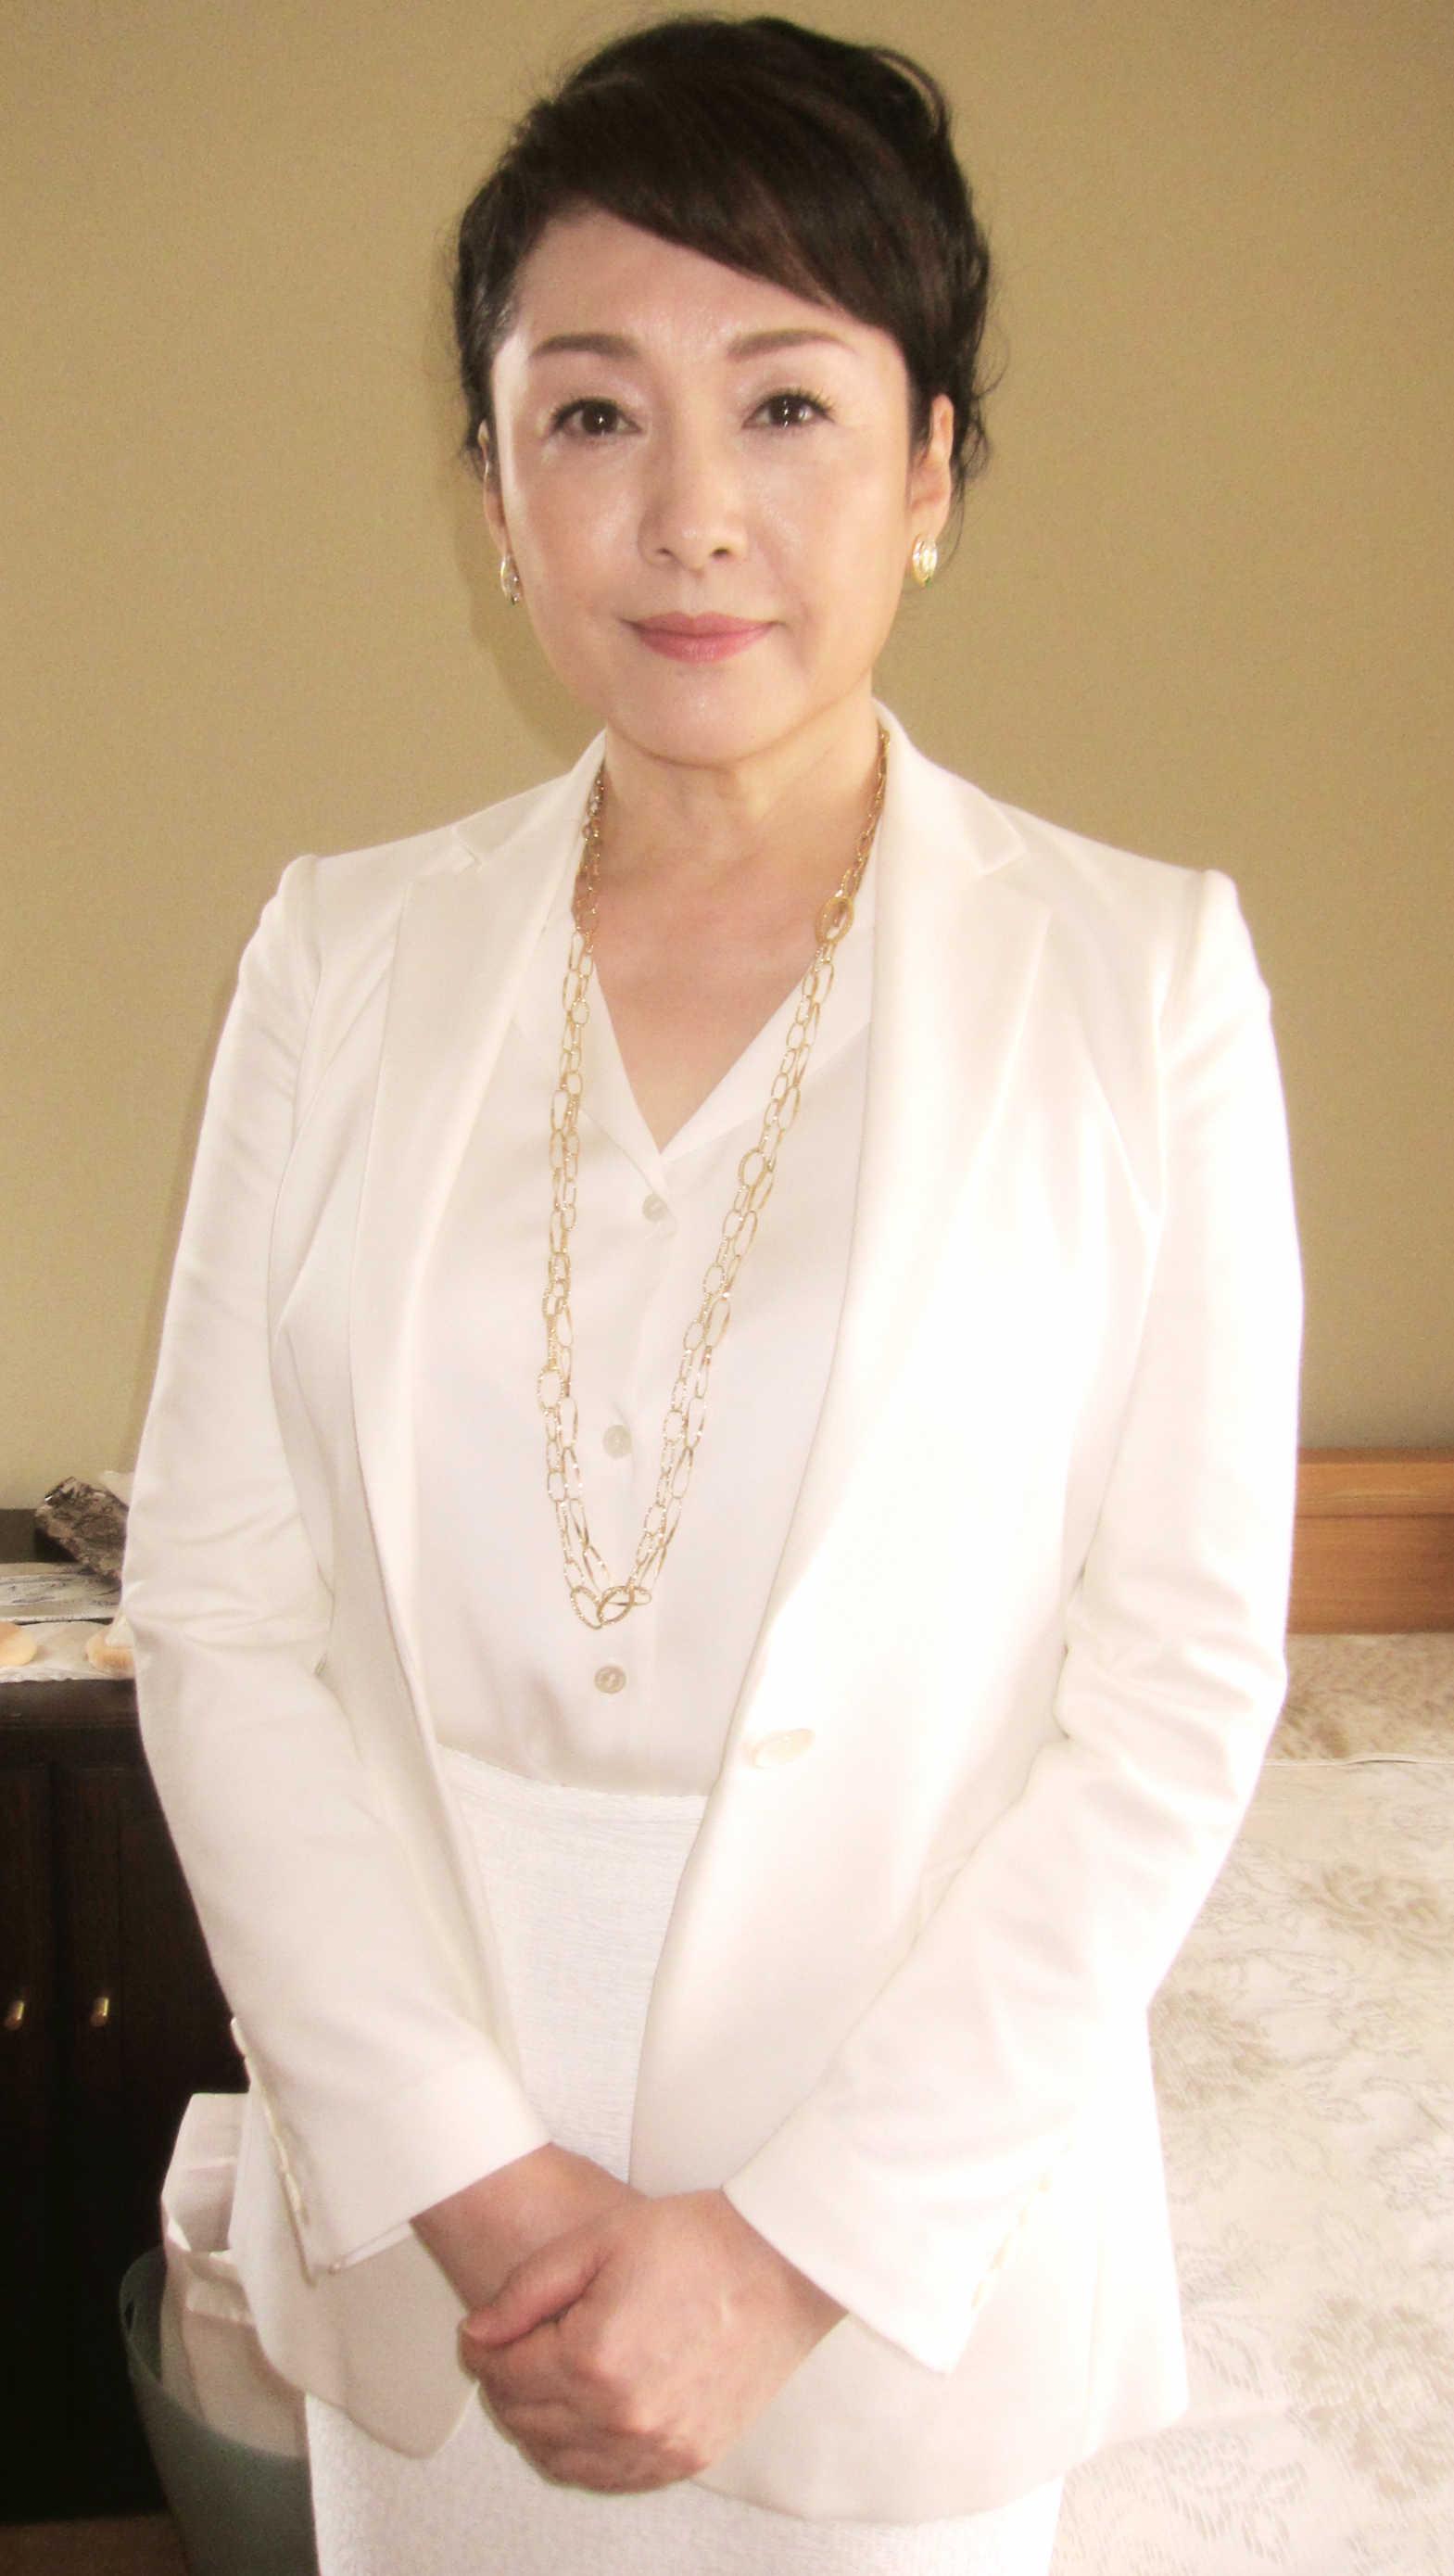 美しき松坂慶子姫と撮影♪_d0339889_11554535.jpg